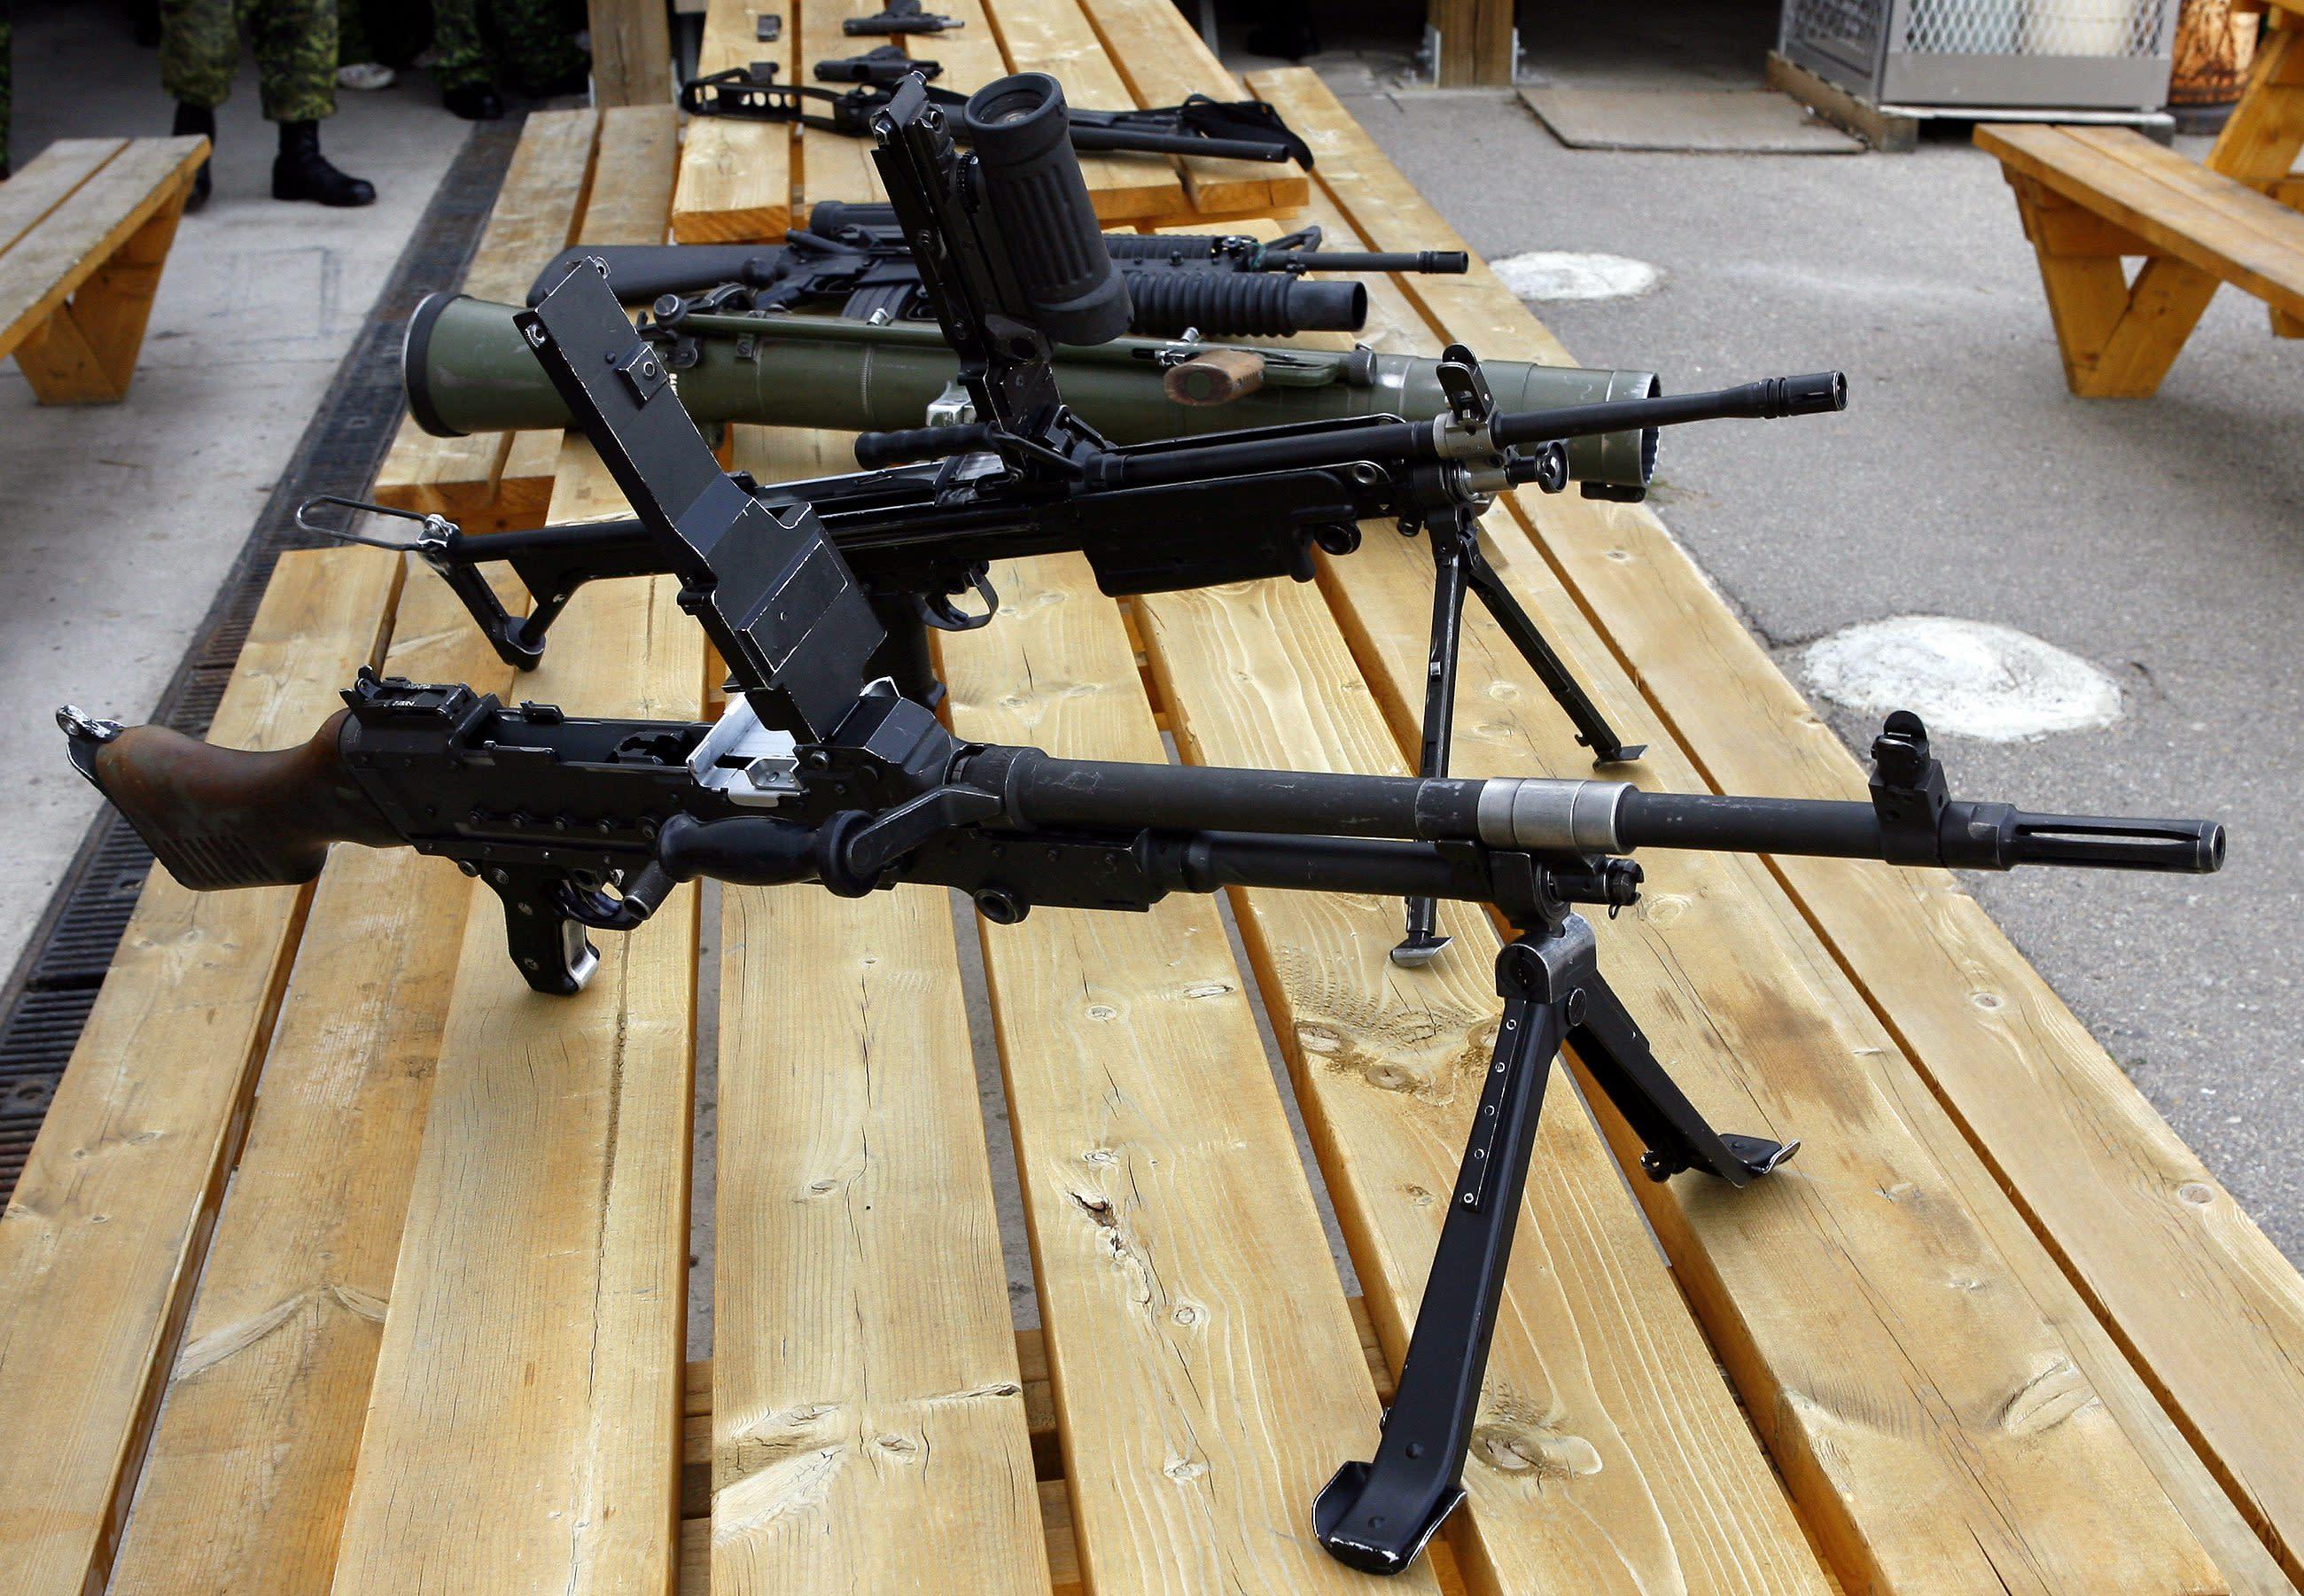 Gladu opposed to Trudeau's assault-style gun ban